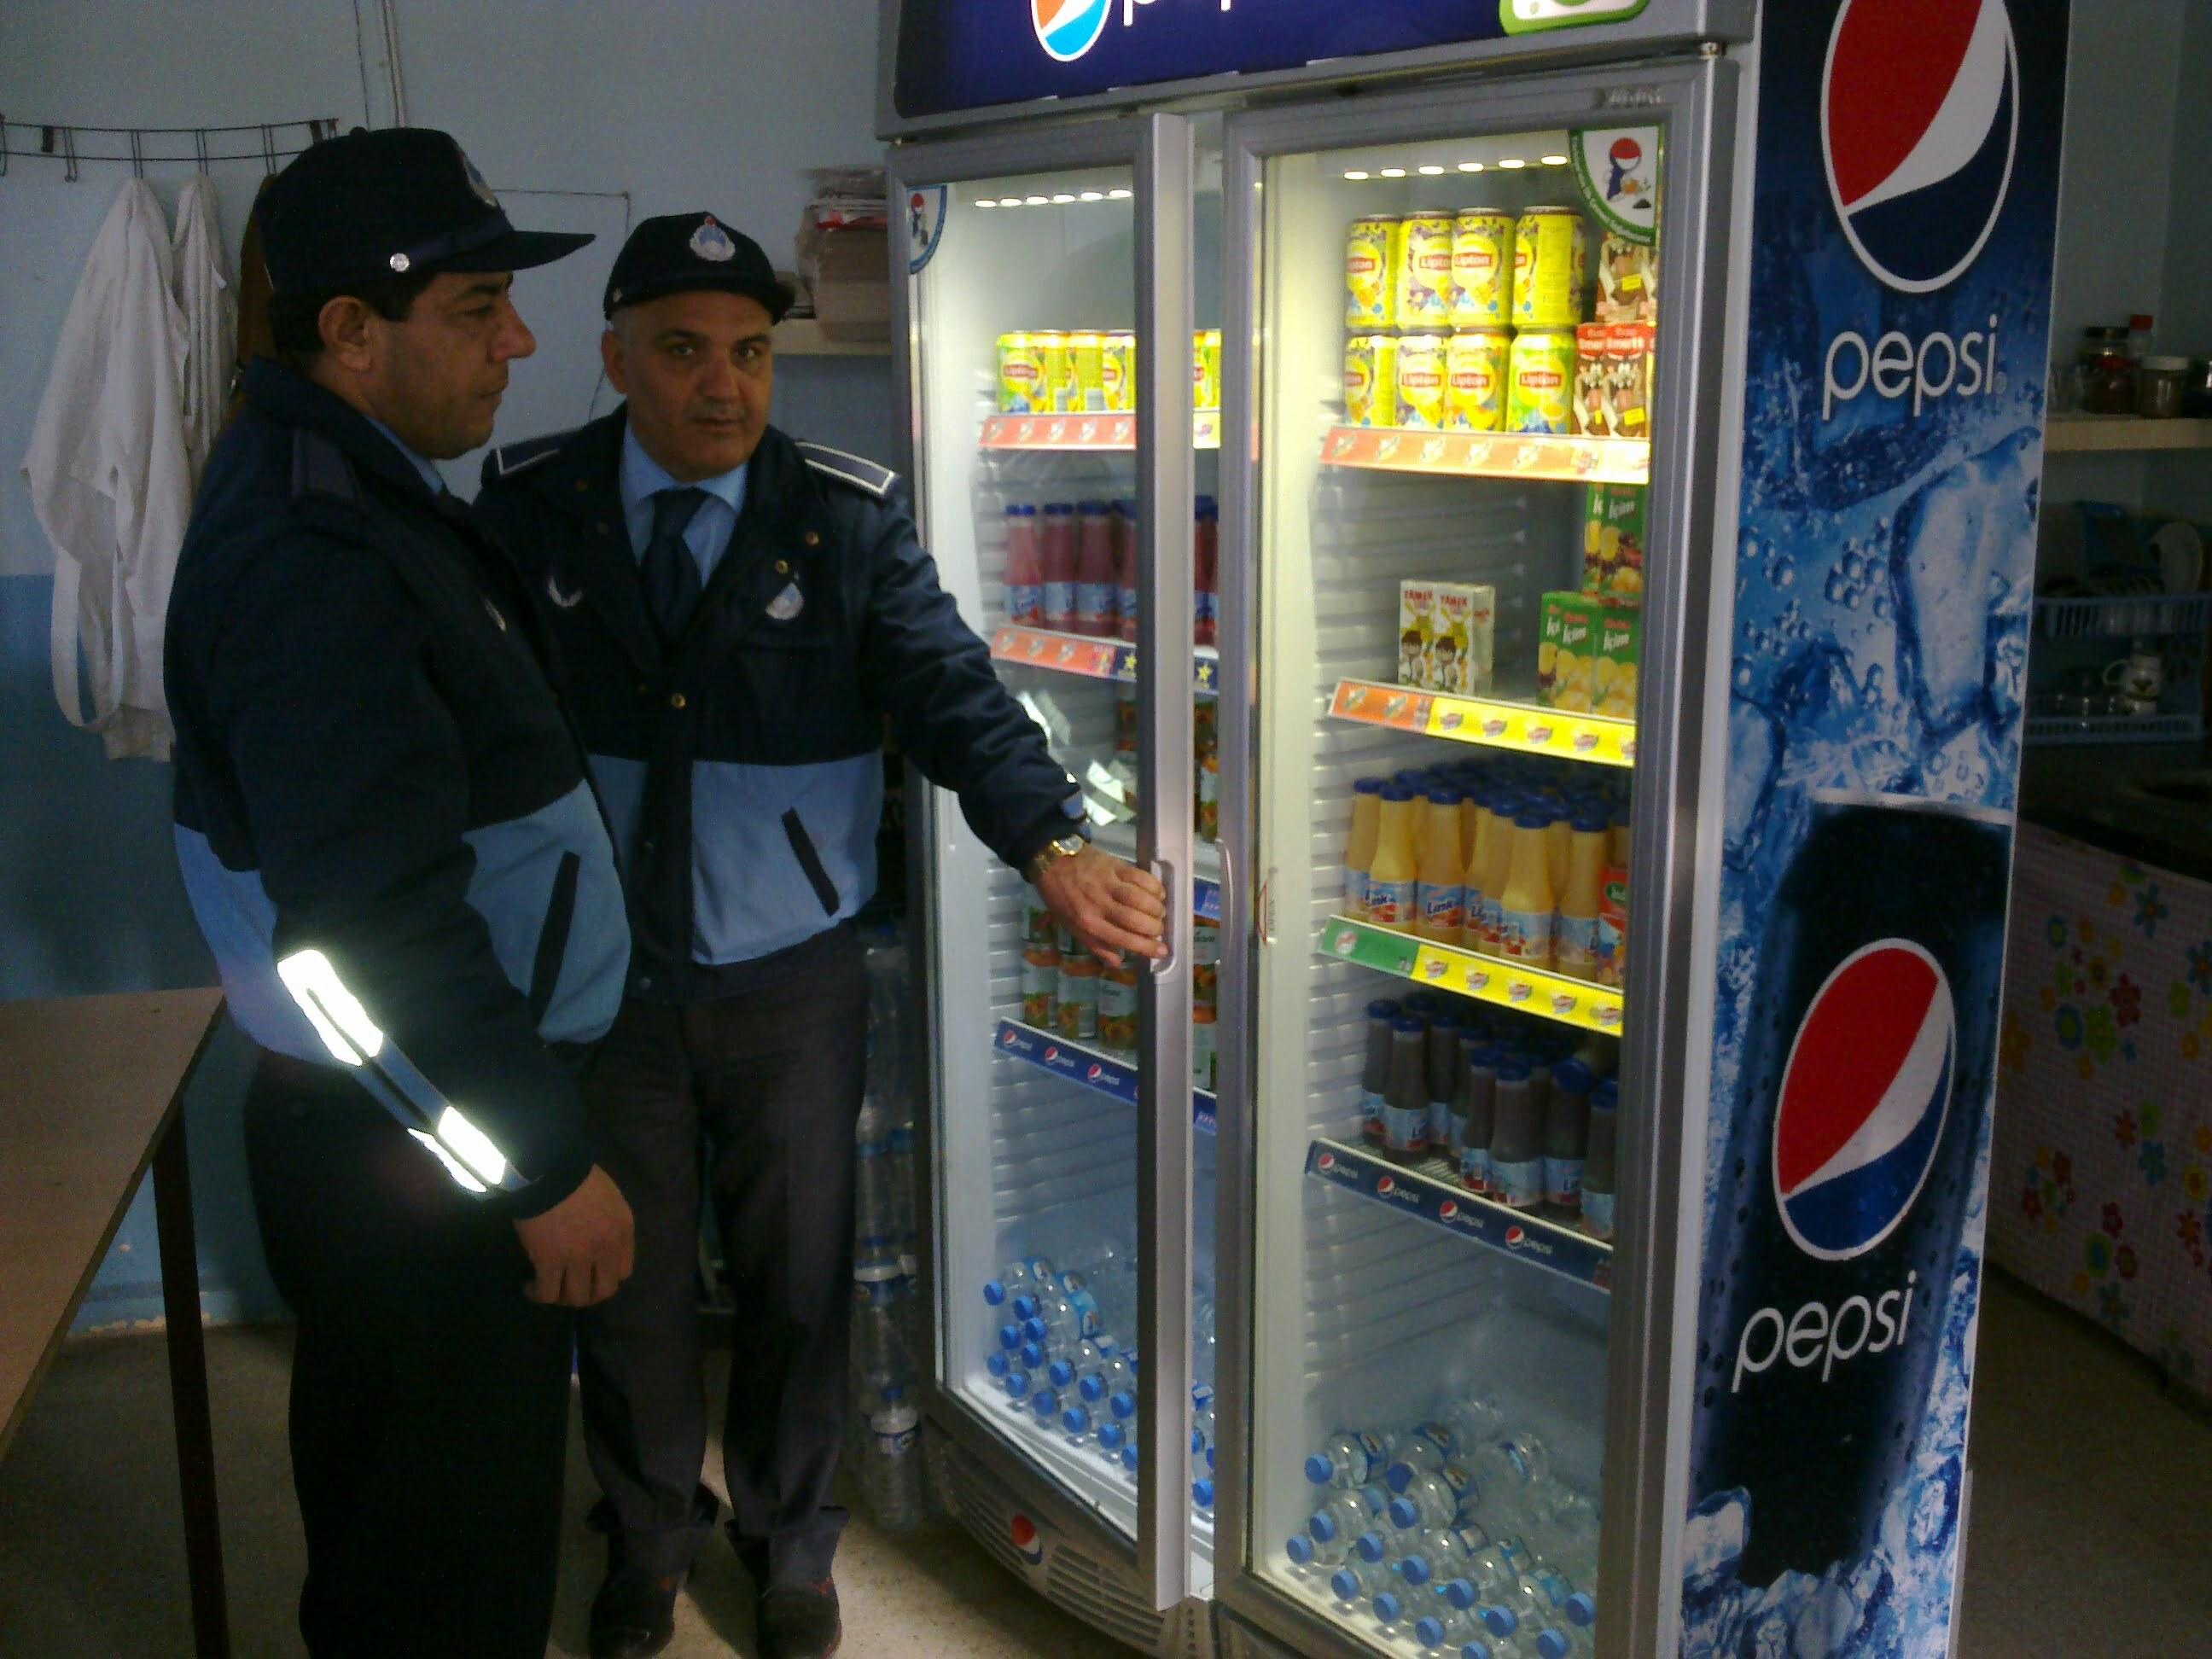 Reyhanlı'da Bozuk Gıda Operasyonu